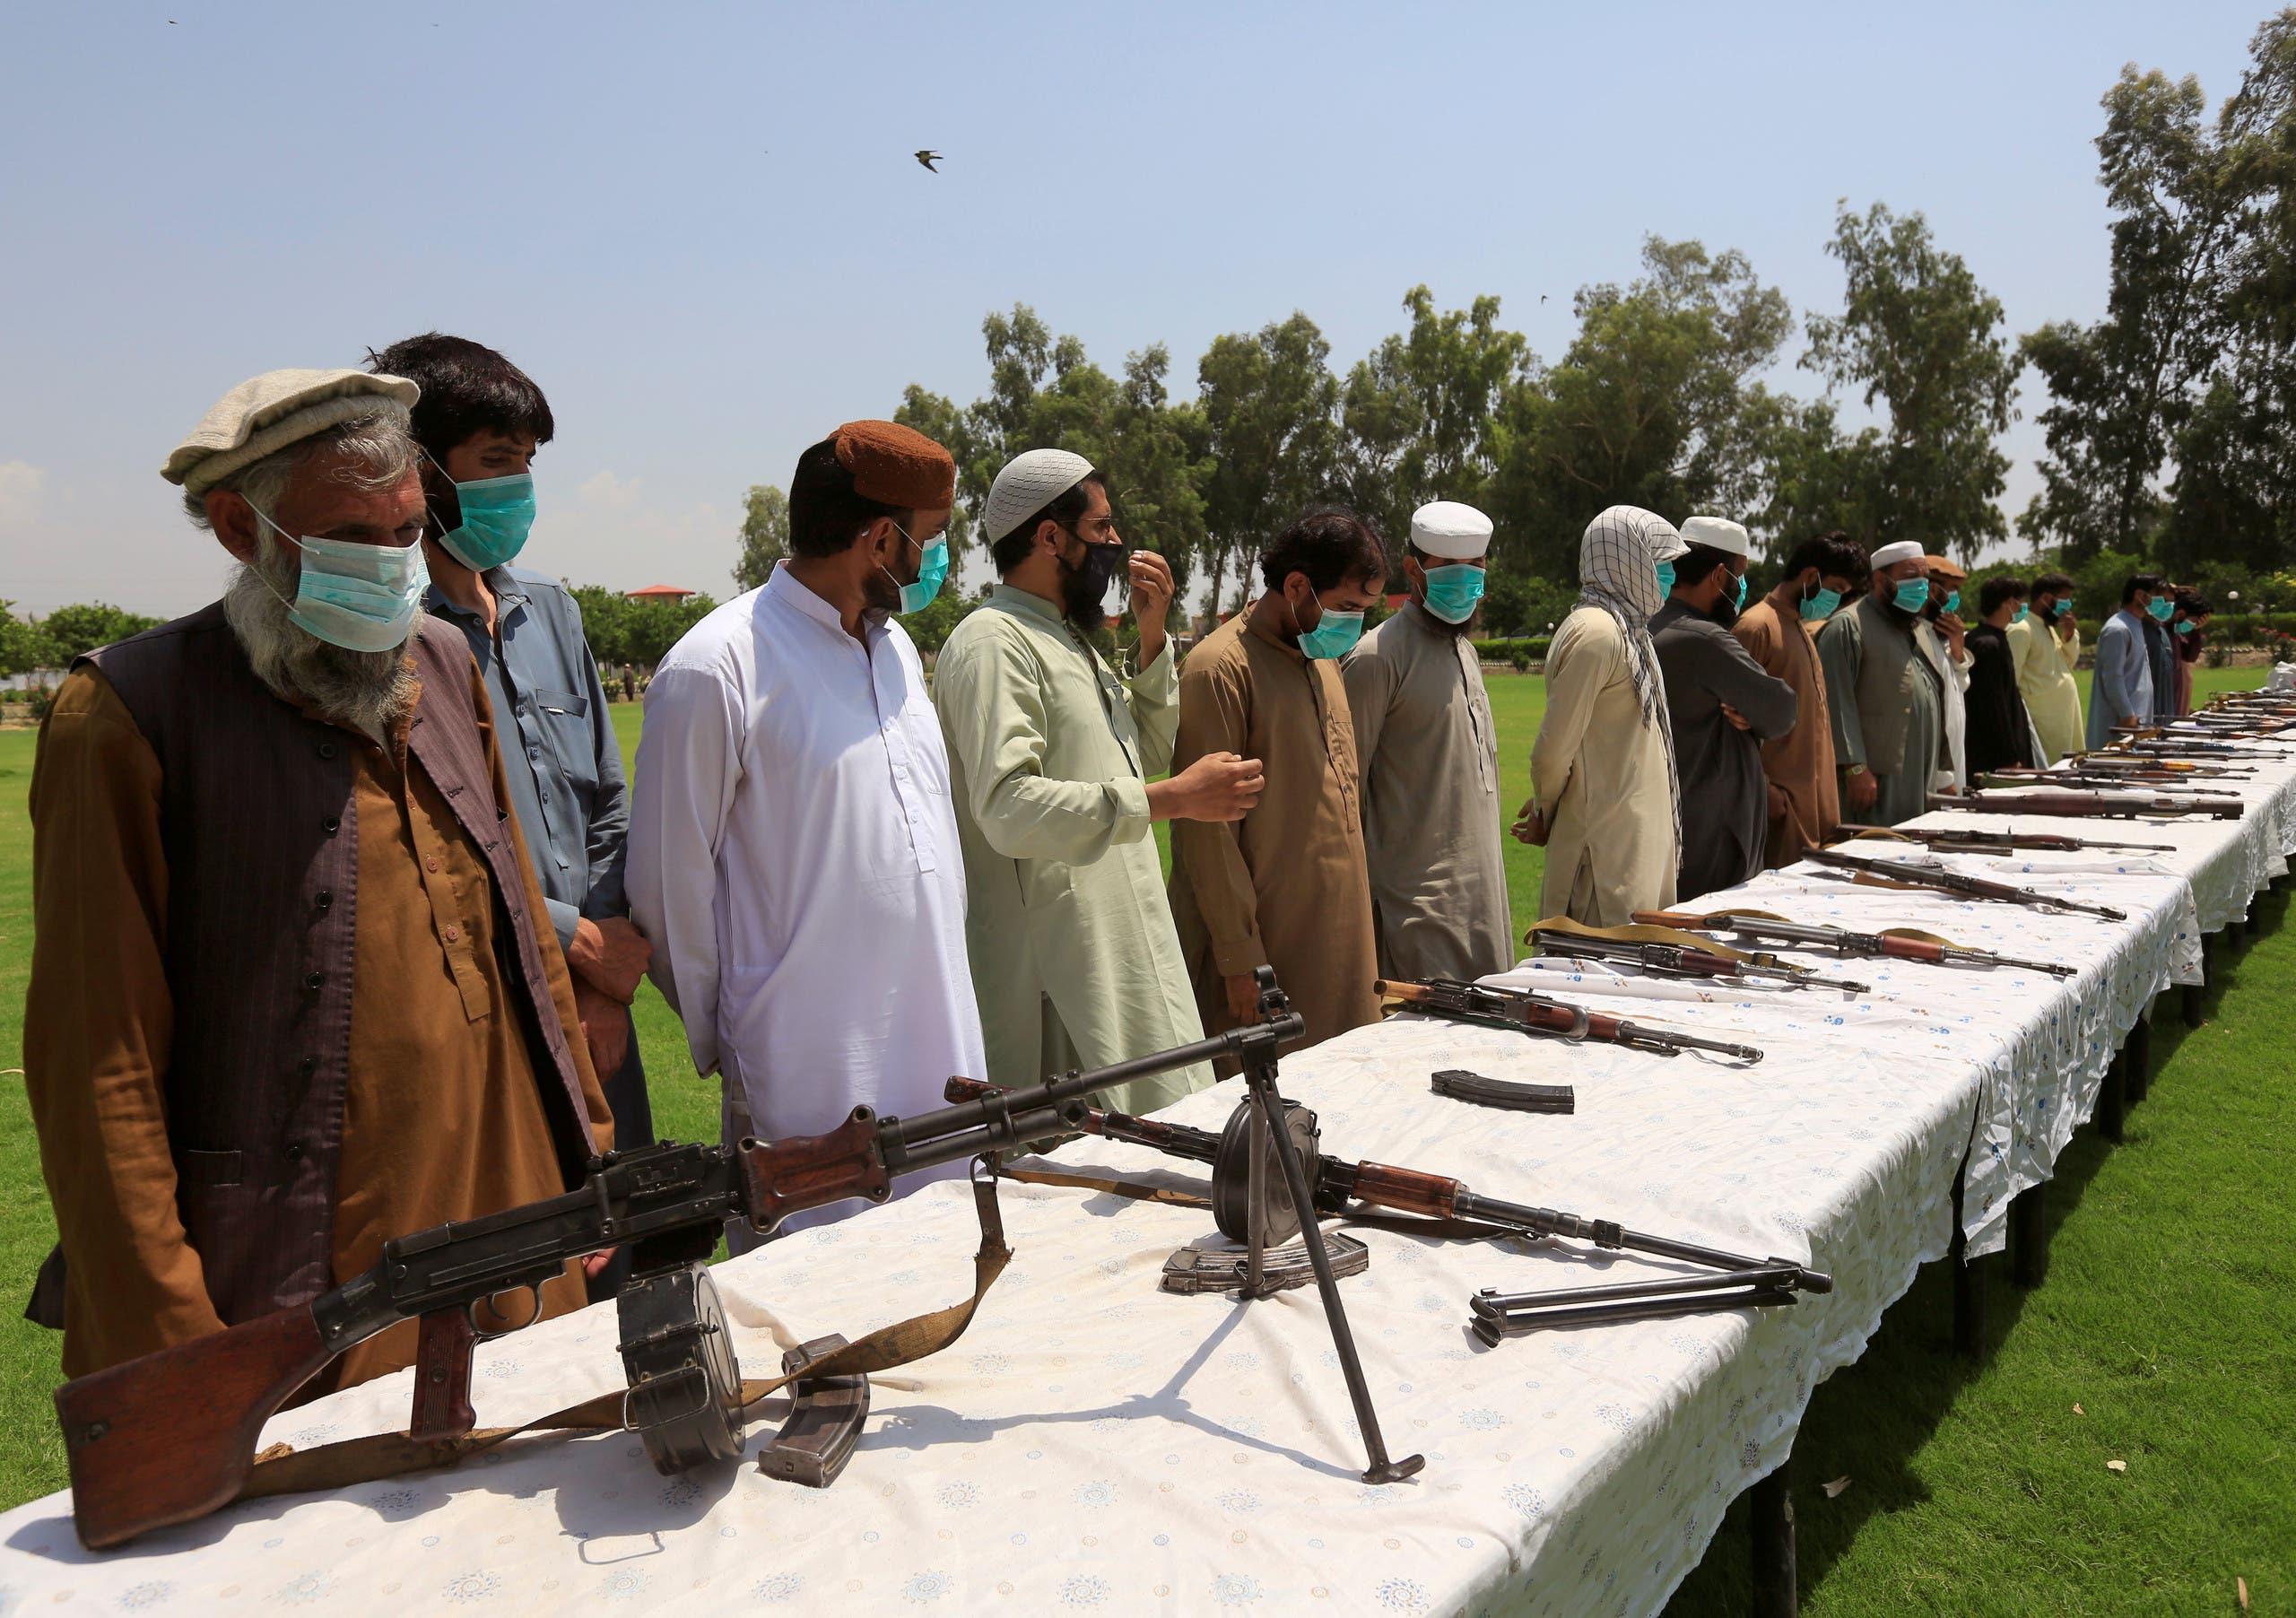 عناصر من طالبان يسلمون أسلحتهم للدولة في جلال أباد في يونيو الماضي ضمن عملية مصالحة